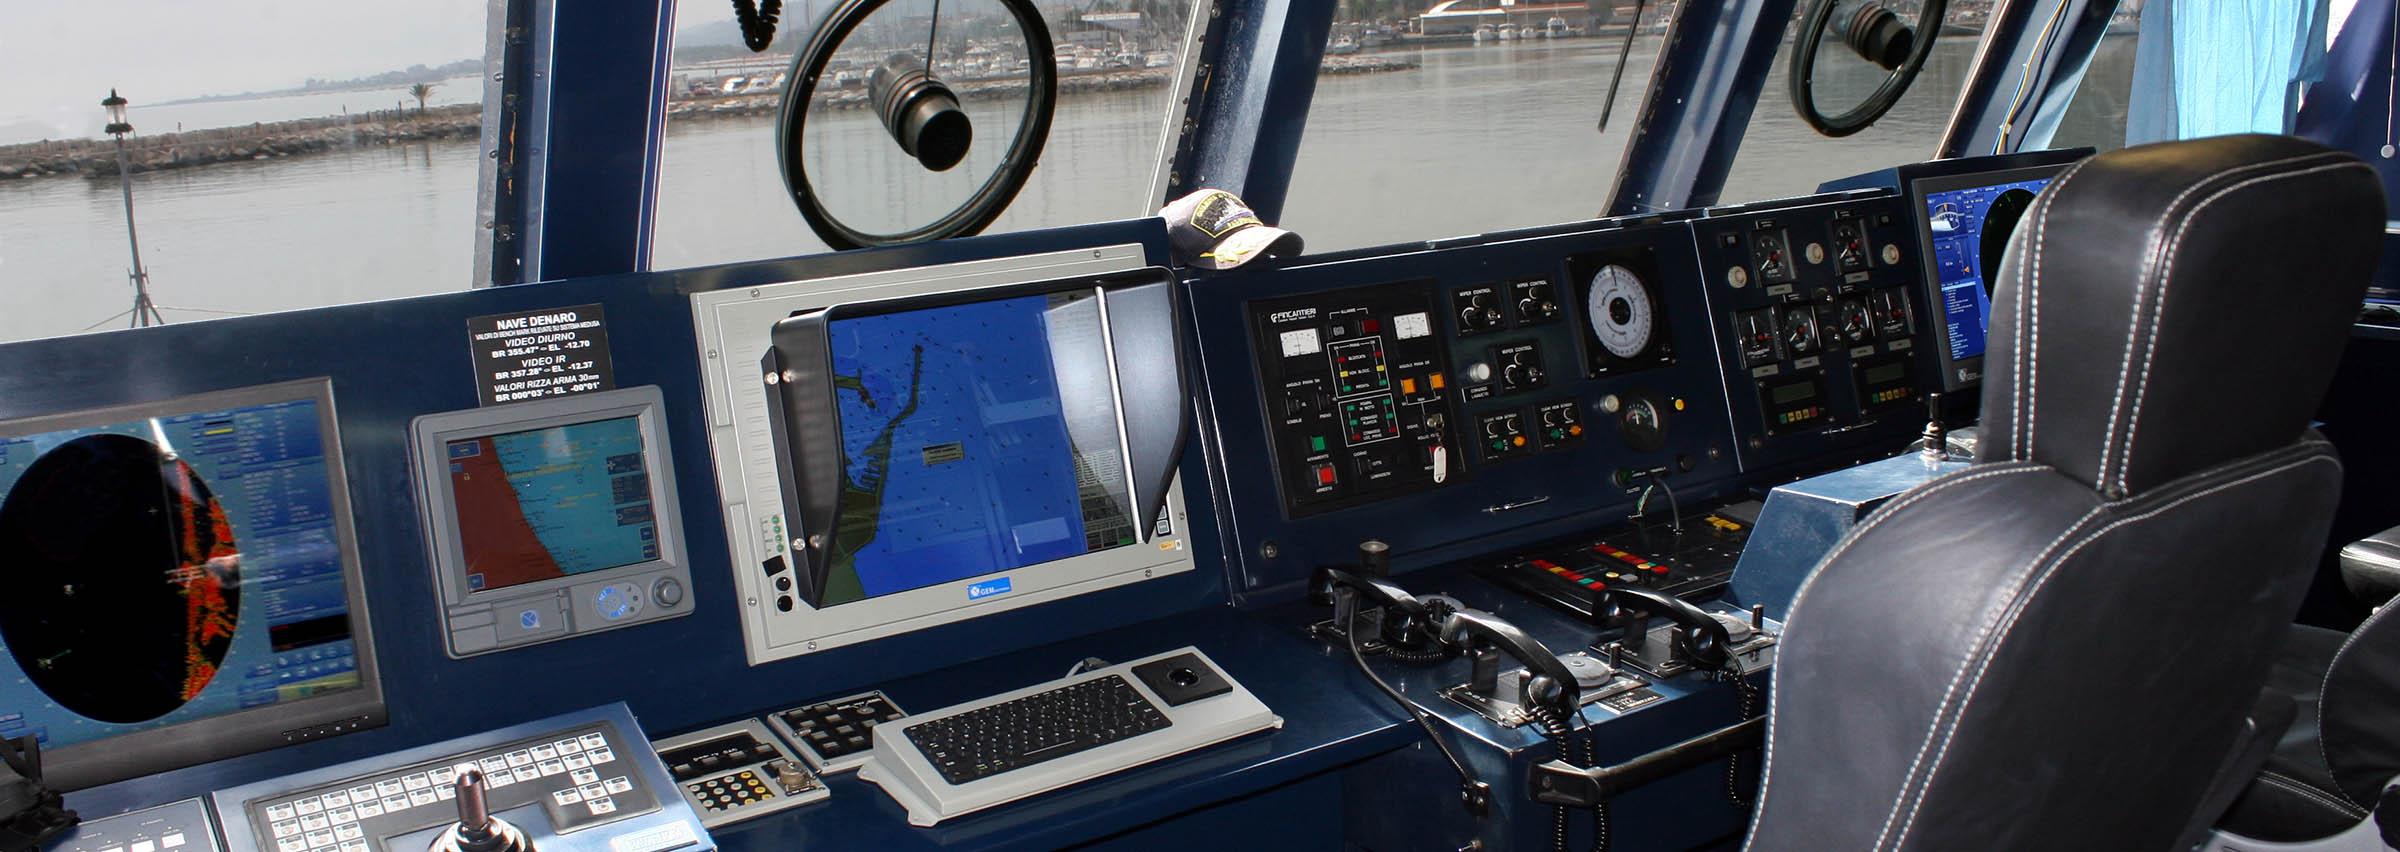 Integrated Bridge System for Military platforms – GEM